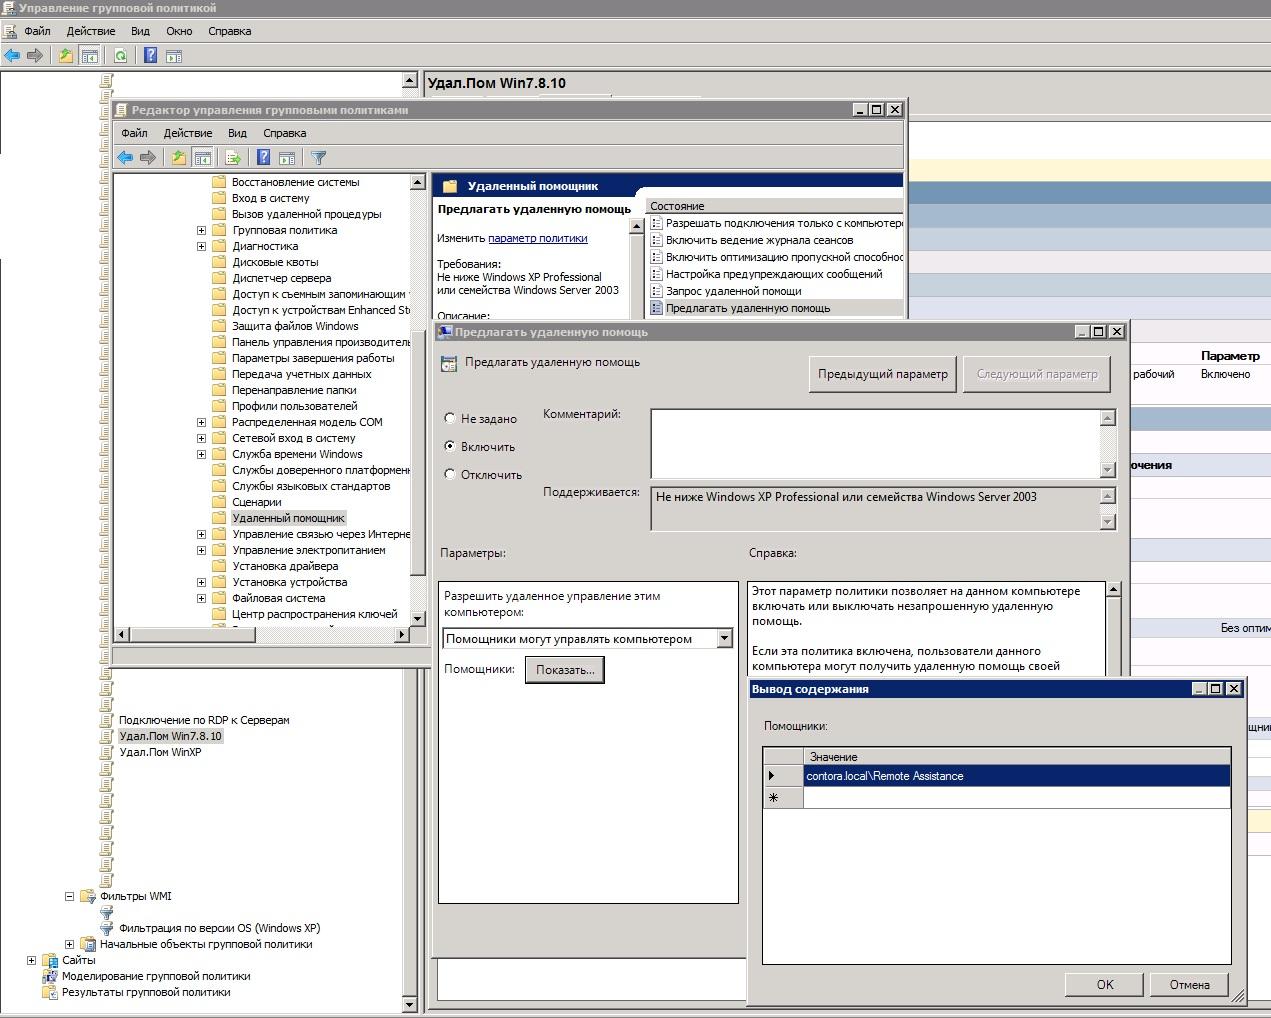 Удалённый помощник Windows в домене